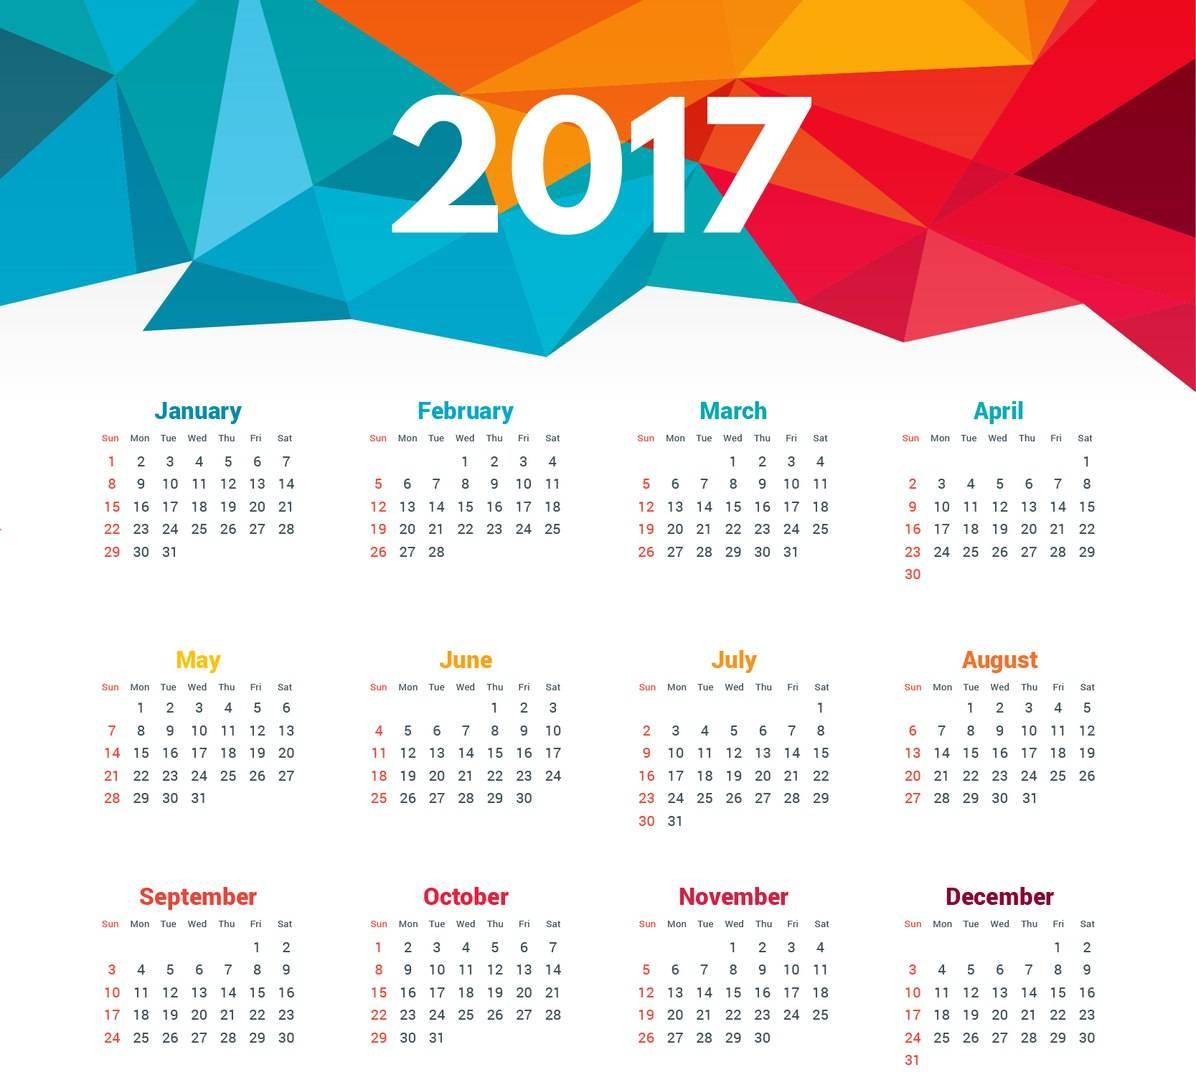 vektornyj-shablon-kalendarya-na-2017-god-13